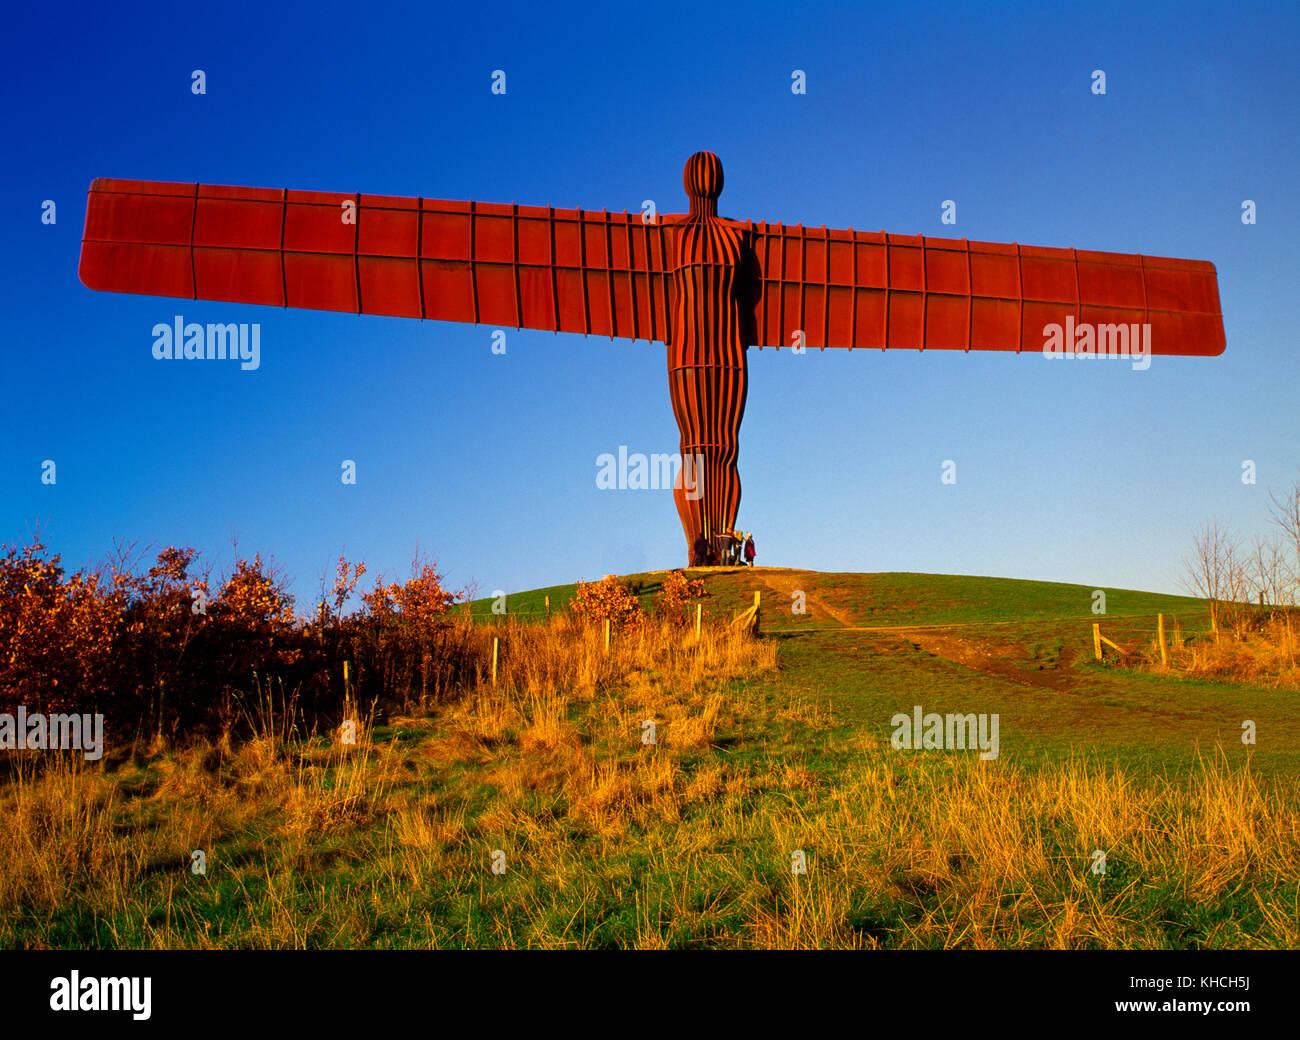 Angelo della statua del nord, Gateshead, Tyne and Wear, England, Regno Unito Immagini Stock